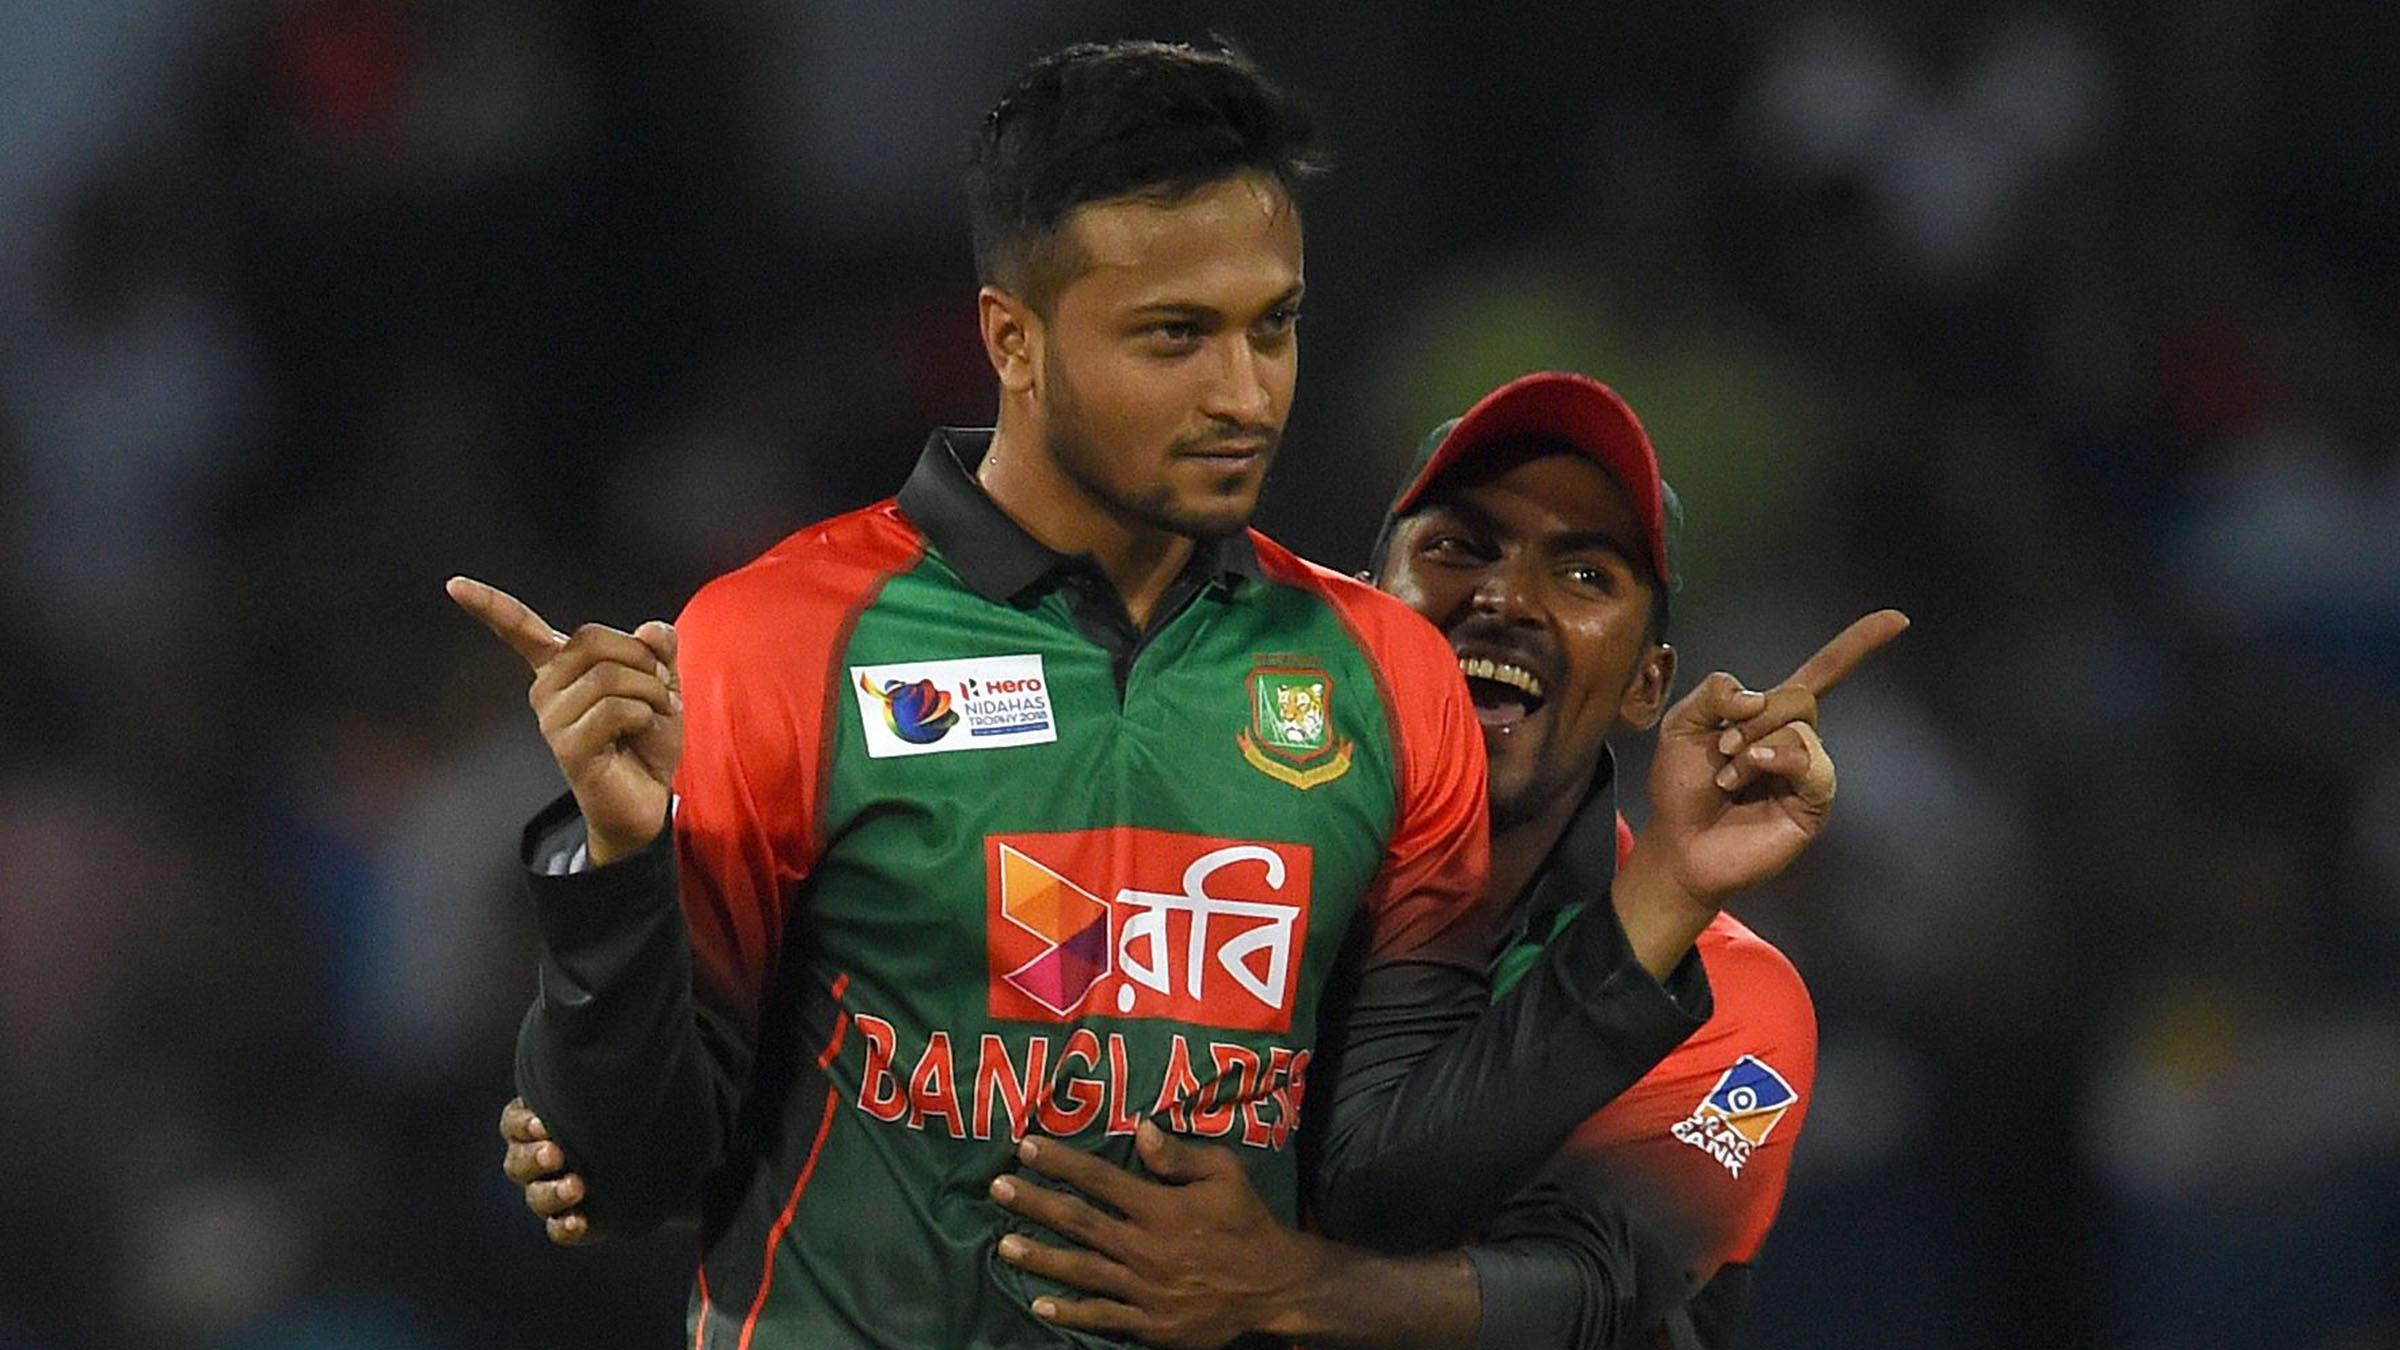 शाकिब-अल-हसन के अनुसार उन्होंने अपने बल्लेबाज़ों को मैदान से वापस नहीं बुलाया था